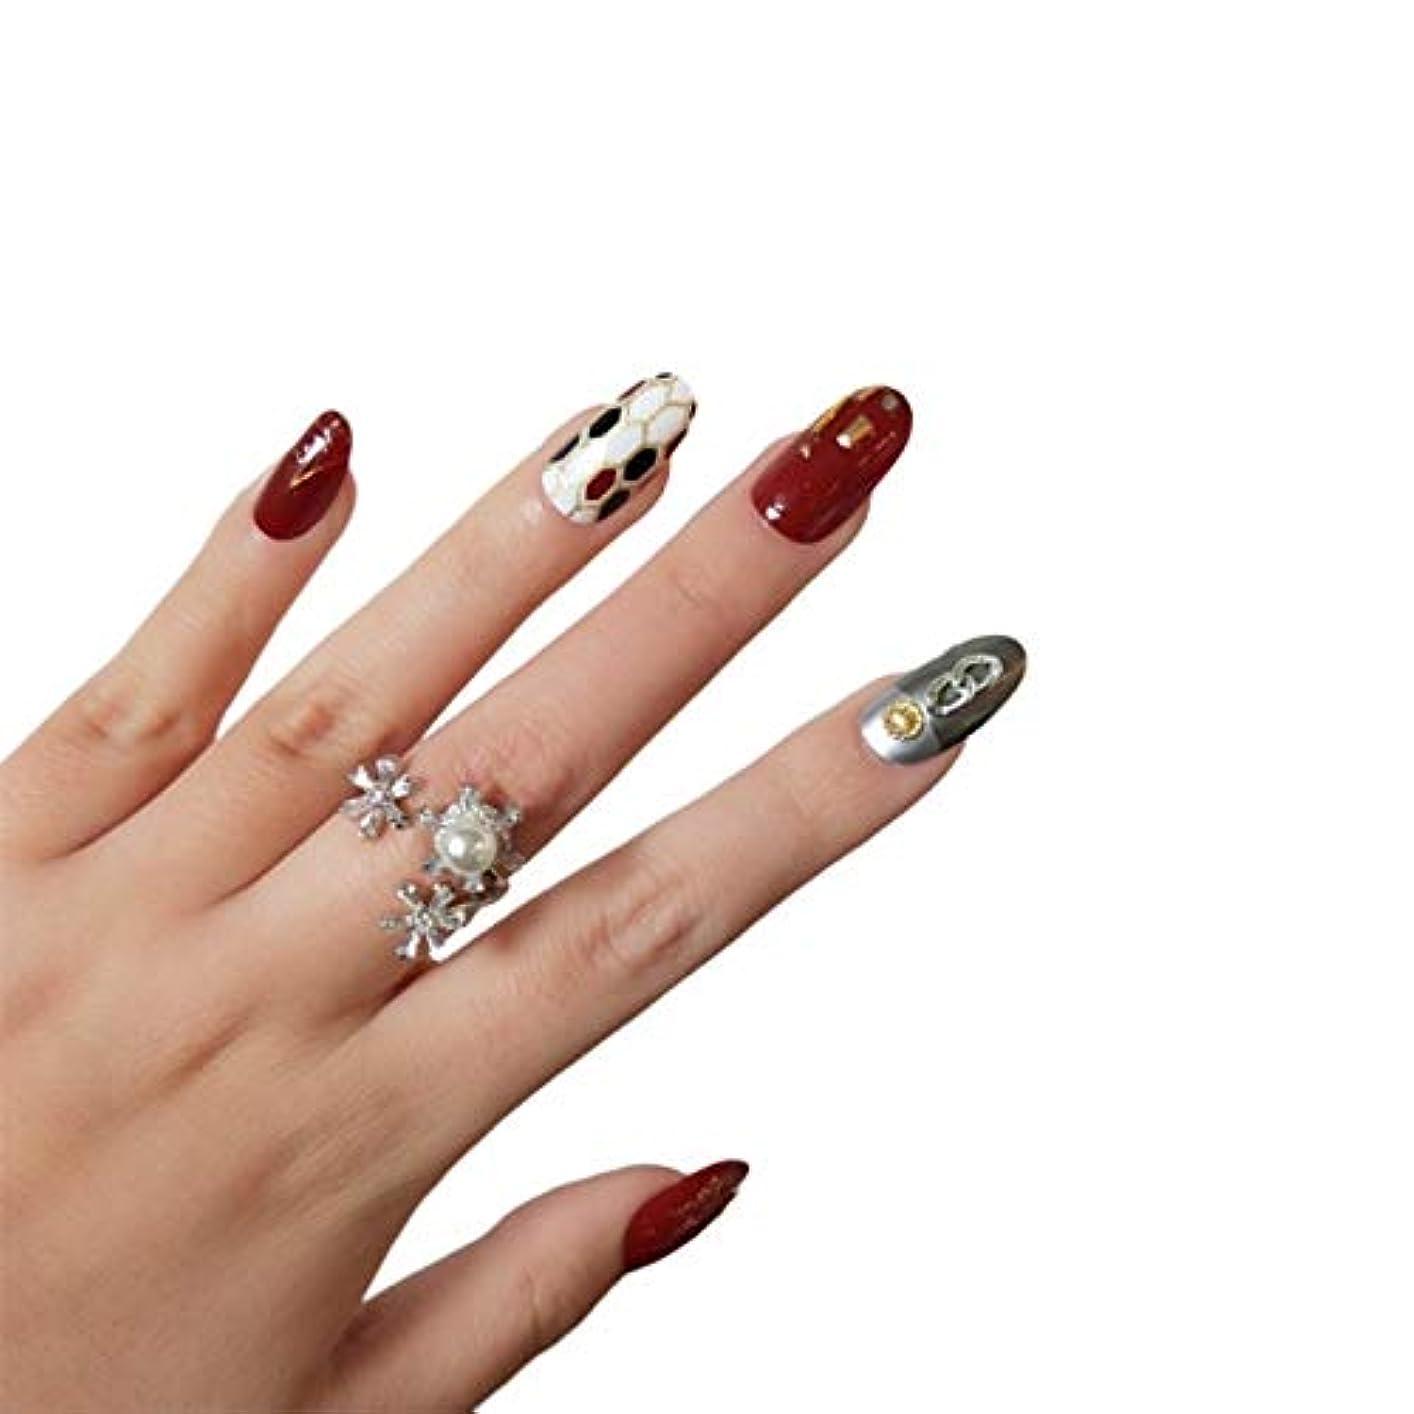 苦悪用愛情XUANHU NAIL PATCH ネイルチップ つけ爪 付け爪 つけ方簡単 ネイル デコネイルコレクション シール ハロウィン 母の日 パーティ 人気 毎日変身 24枚セット